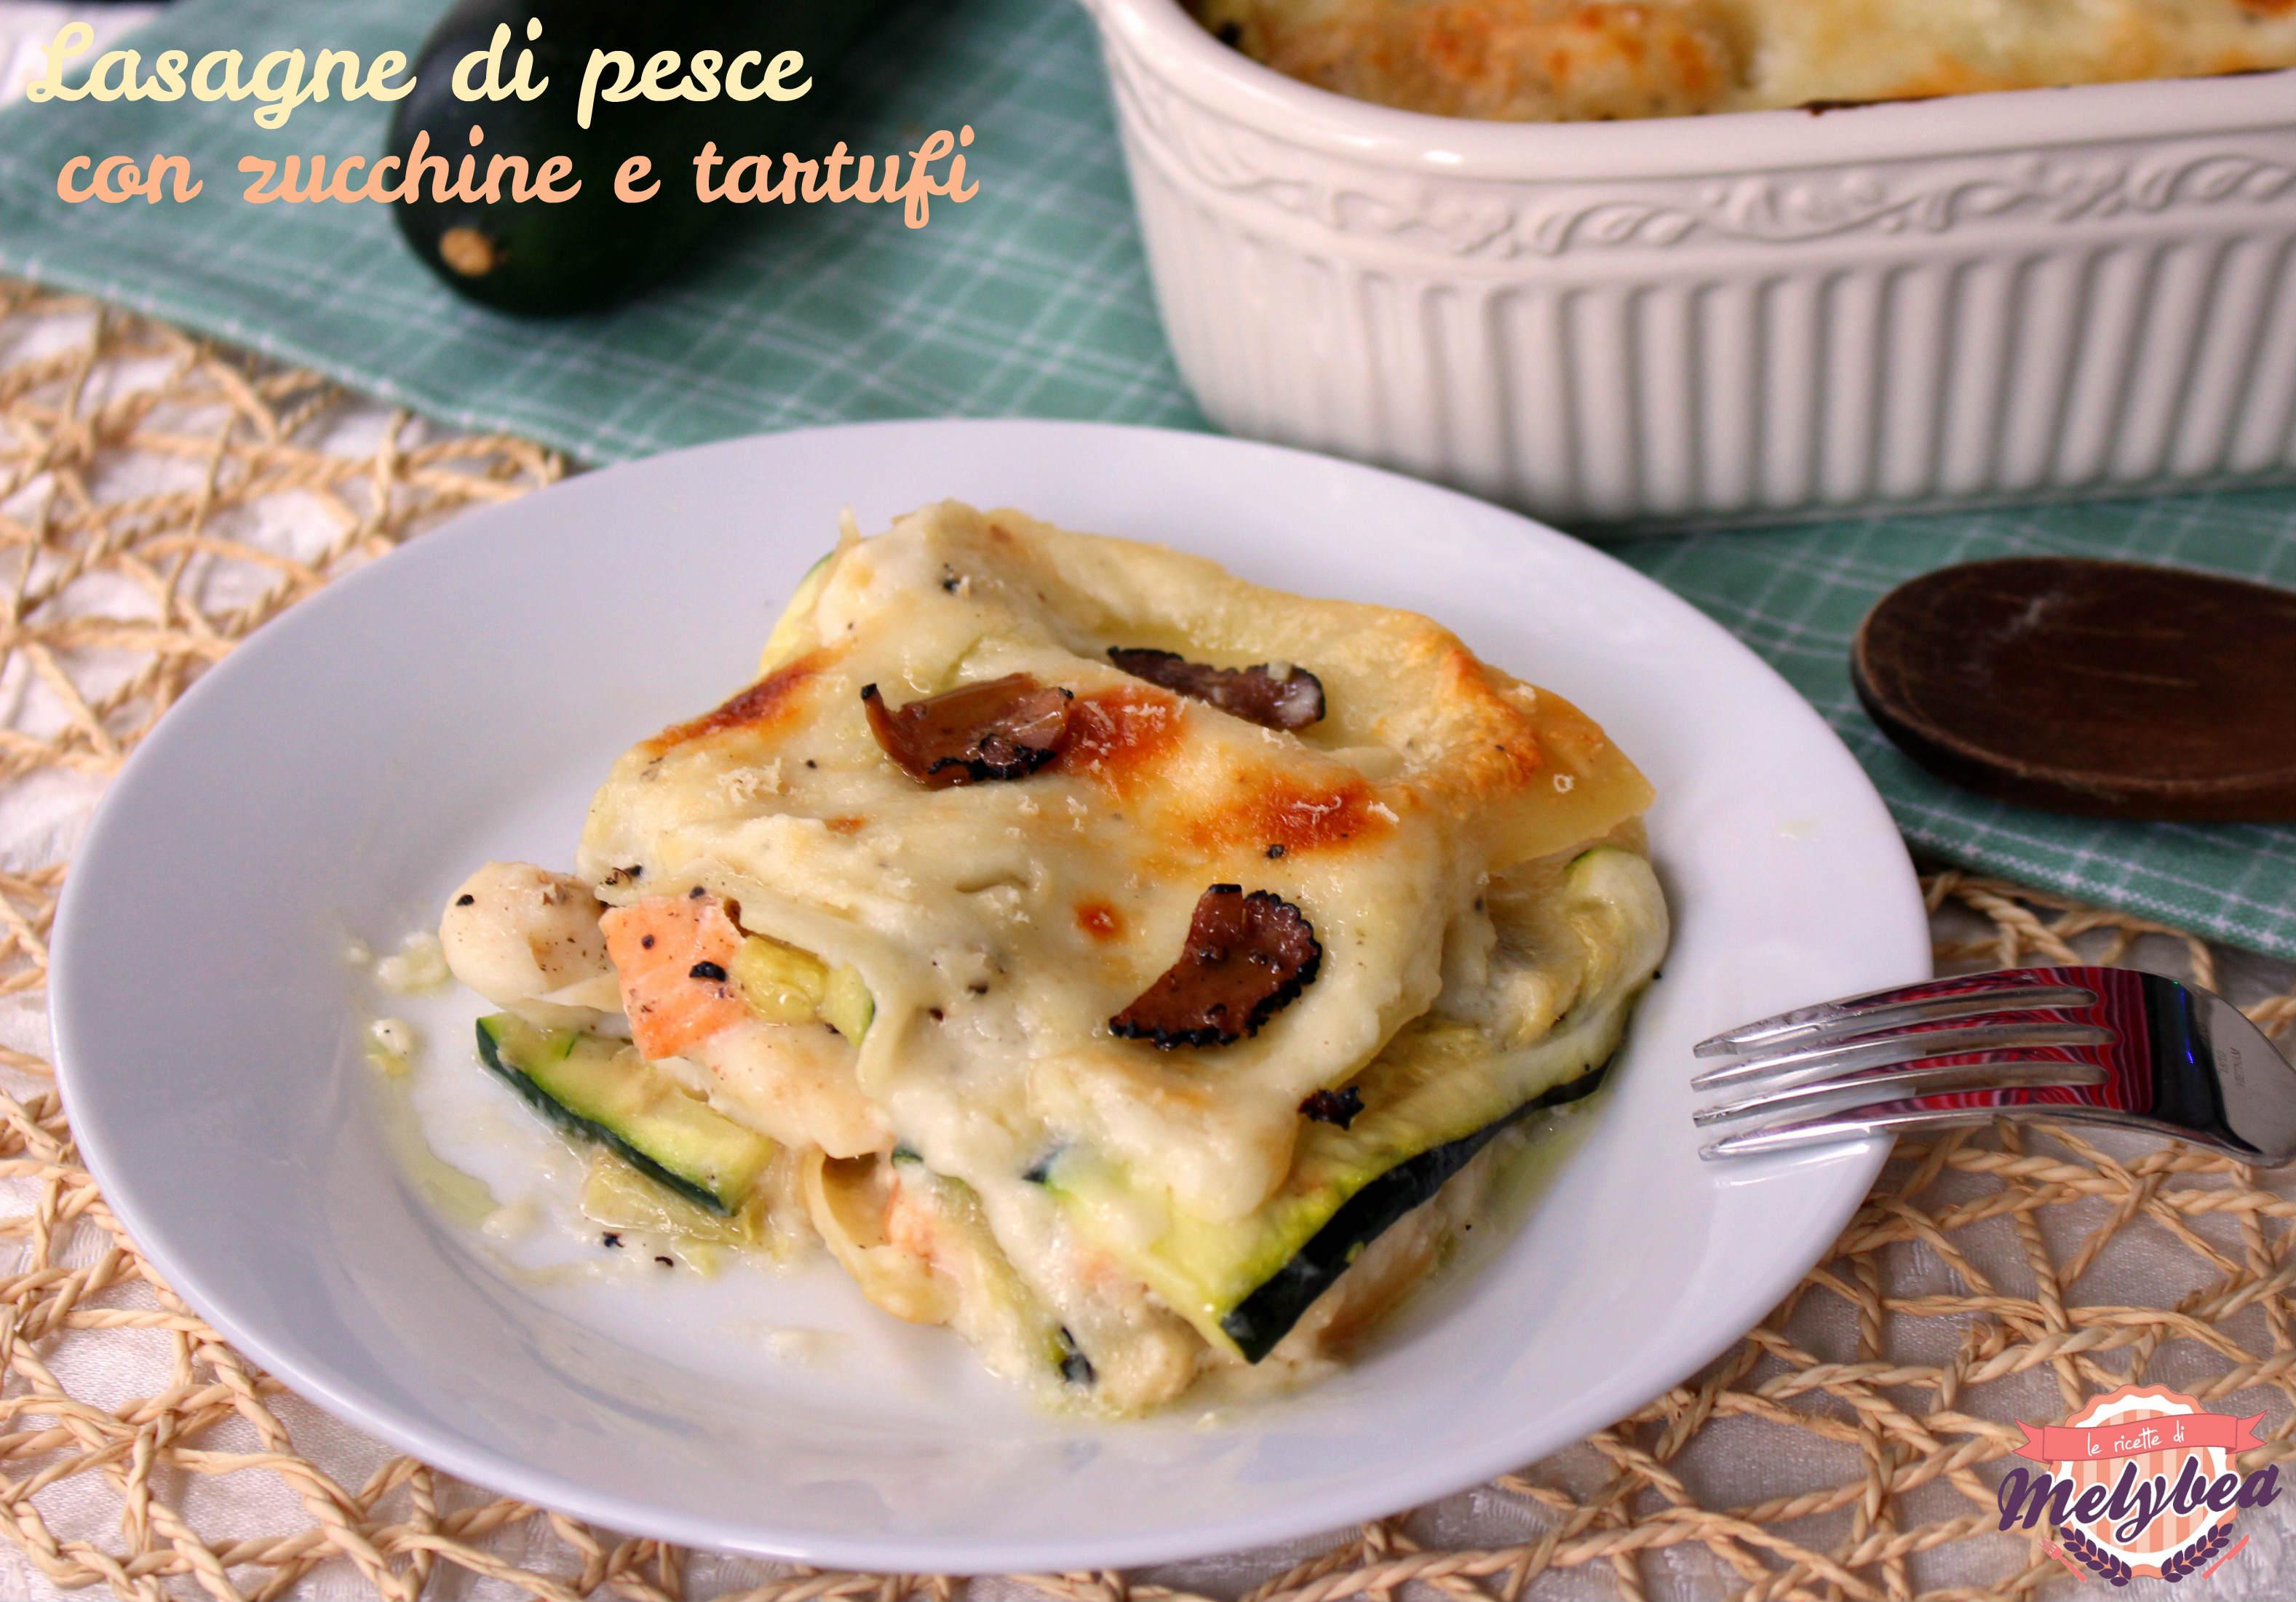 Lasagne di pesce con zucchine e tartufo